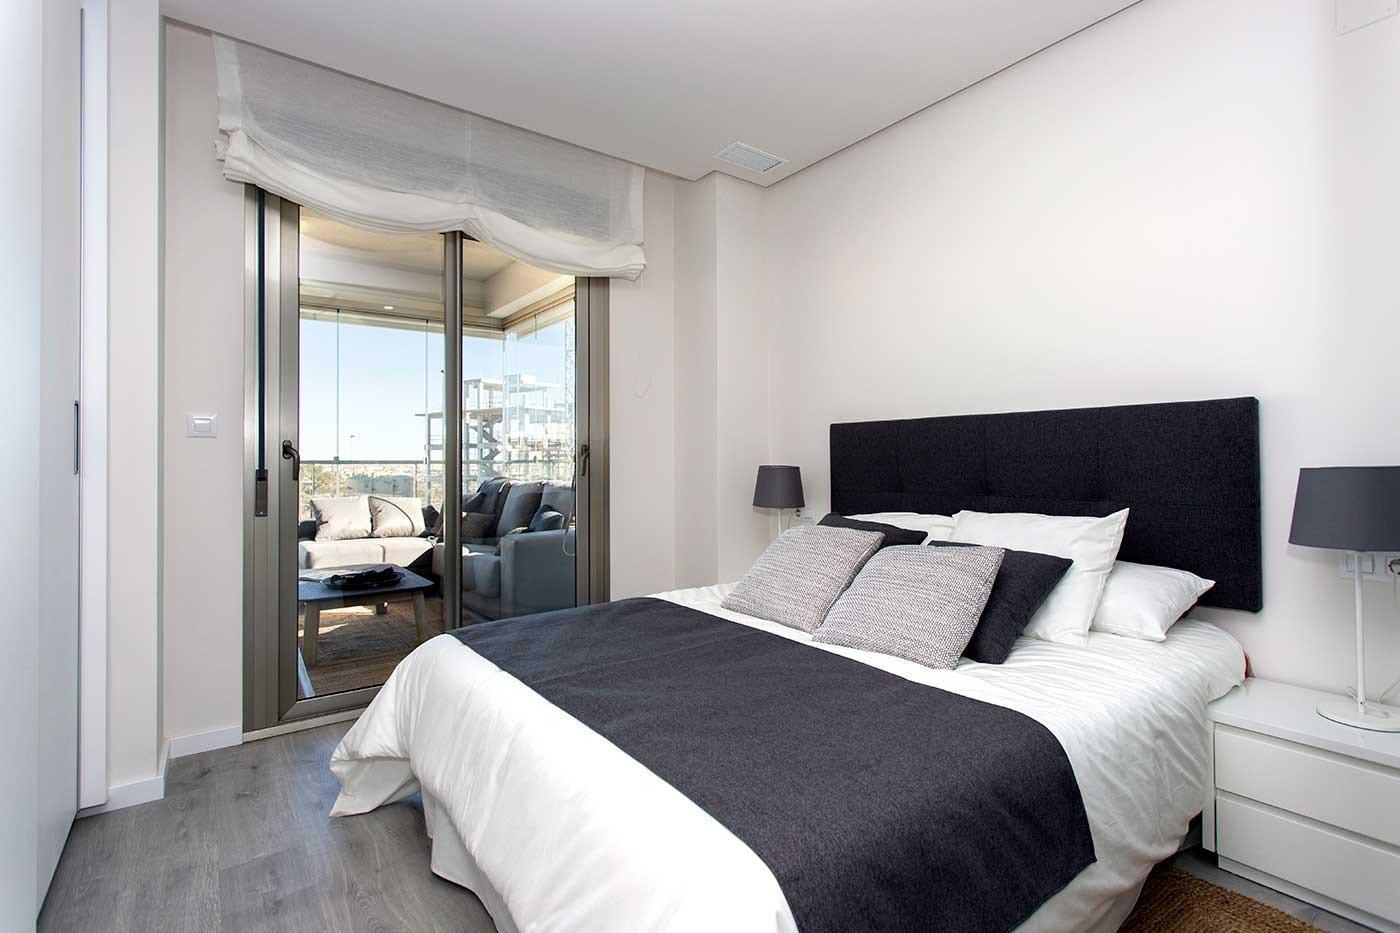 Complejo de estilo moderno con apartamentos de 2,3 dormitorios y 2 baños con amplias terra - imagenInmueble8